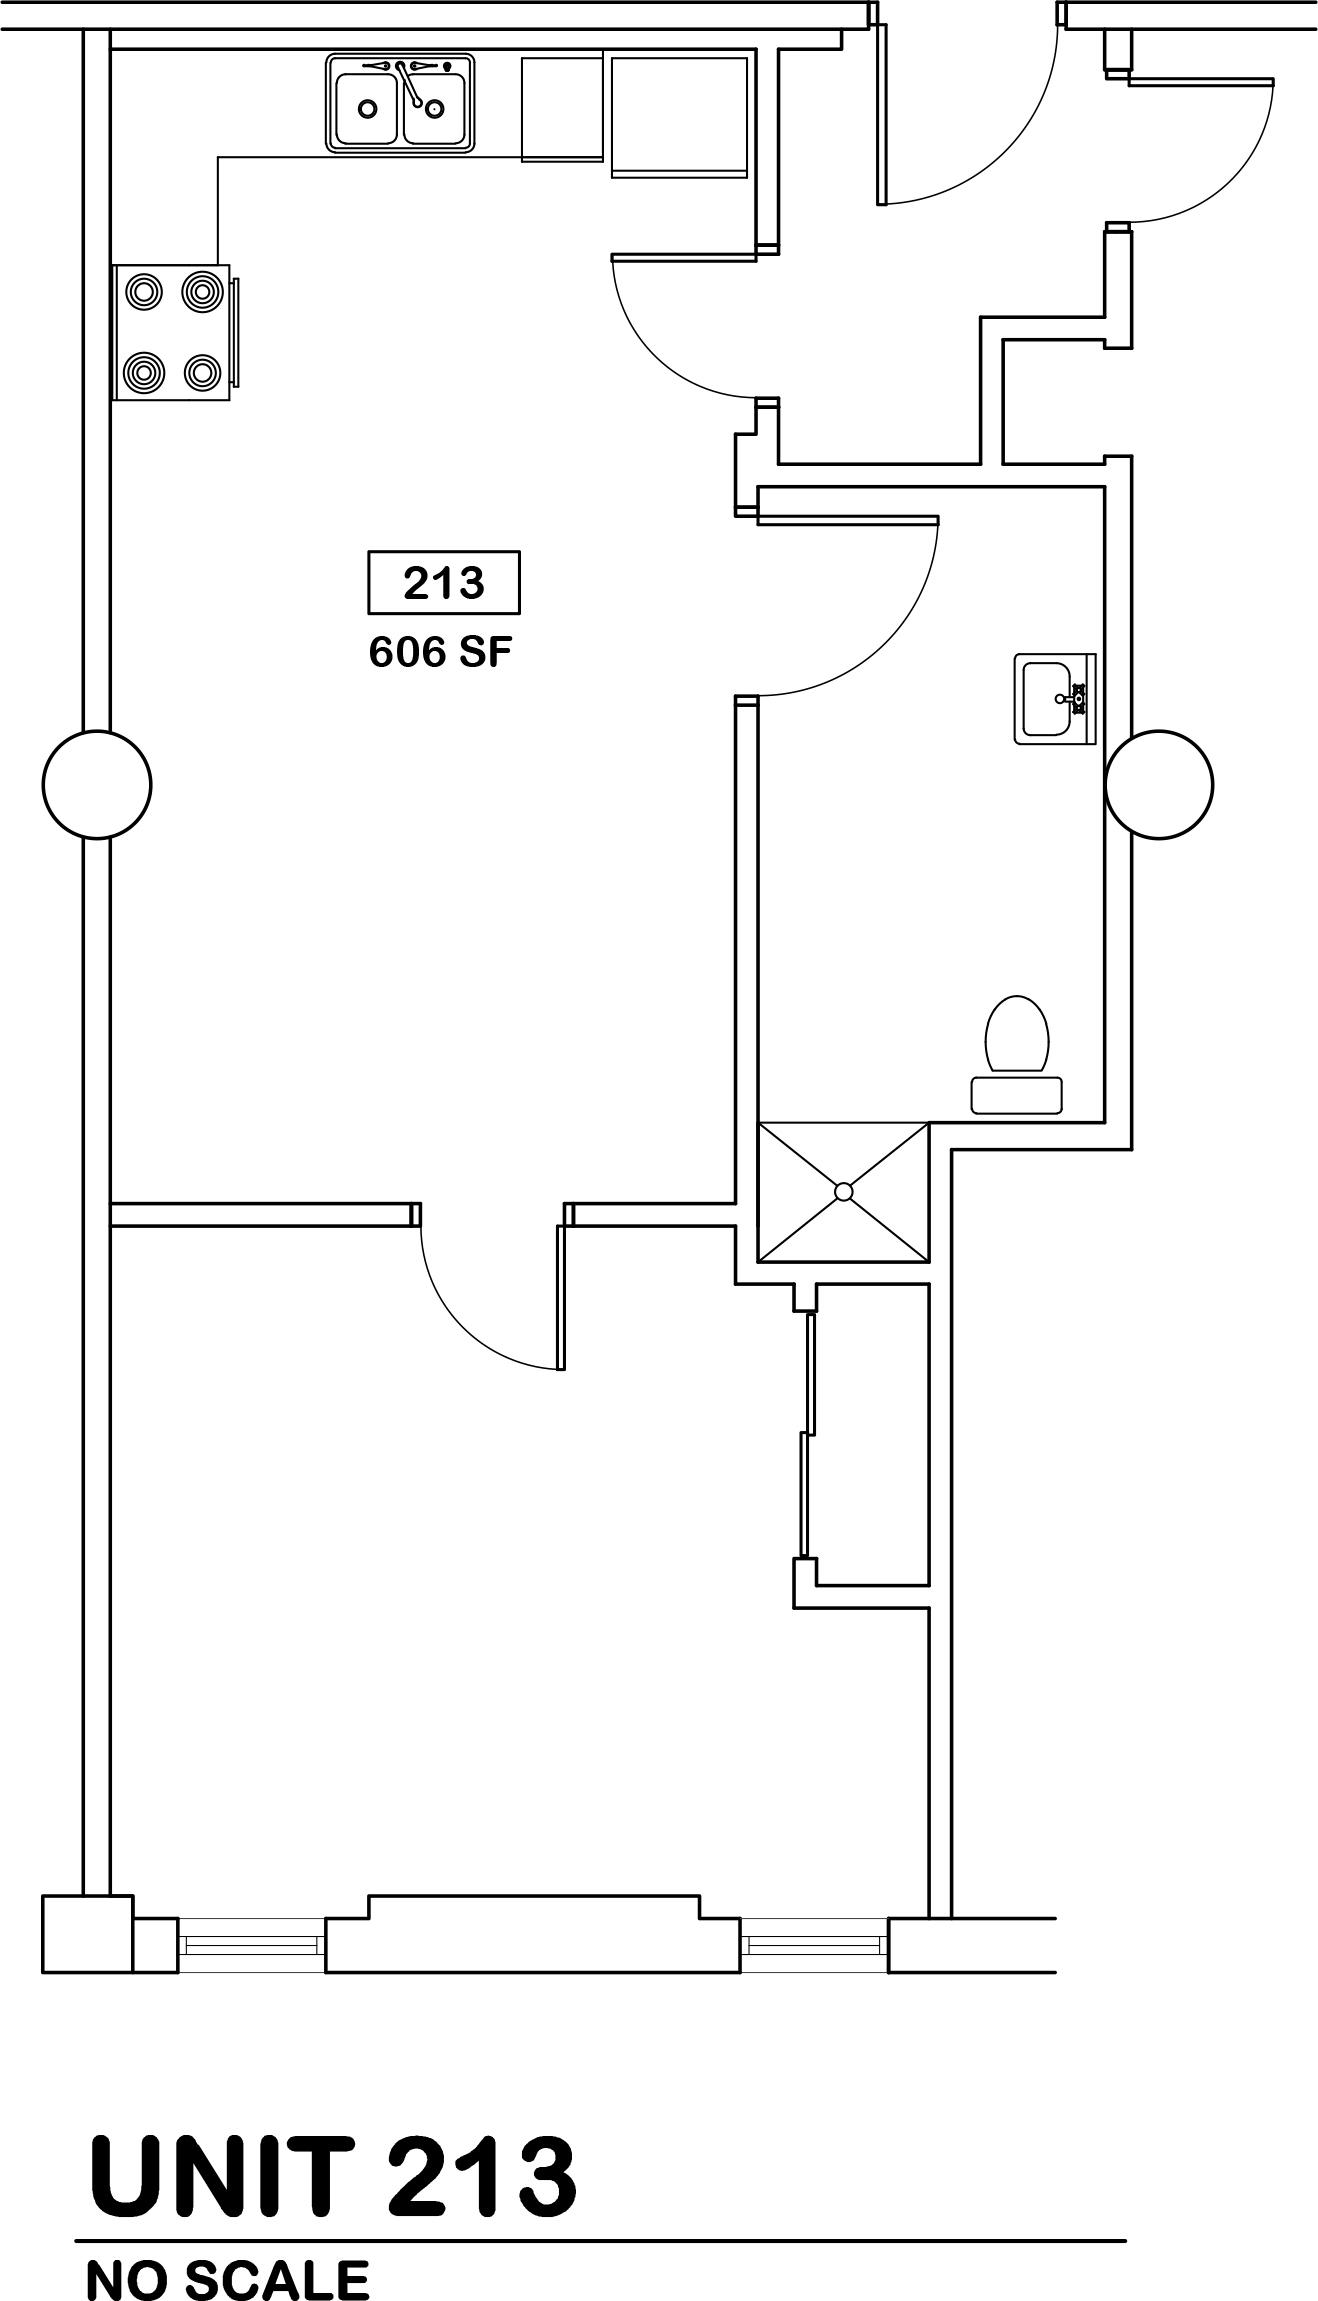 1 bed / 1 bath   $510 / 606 sq ft